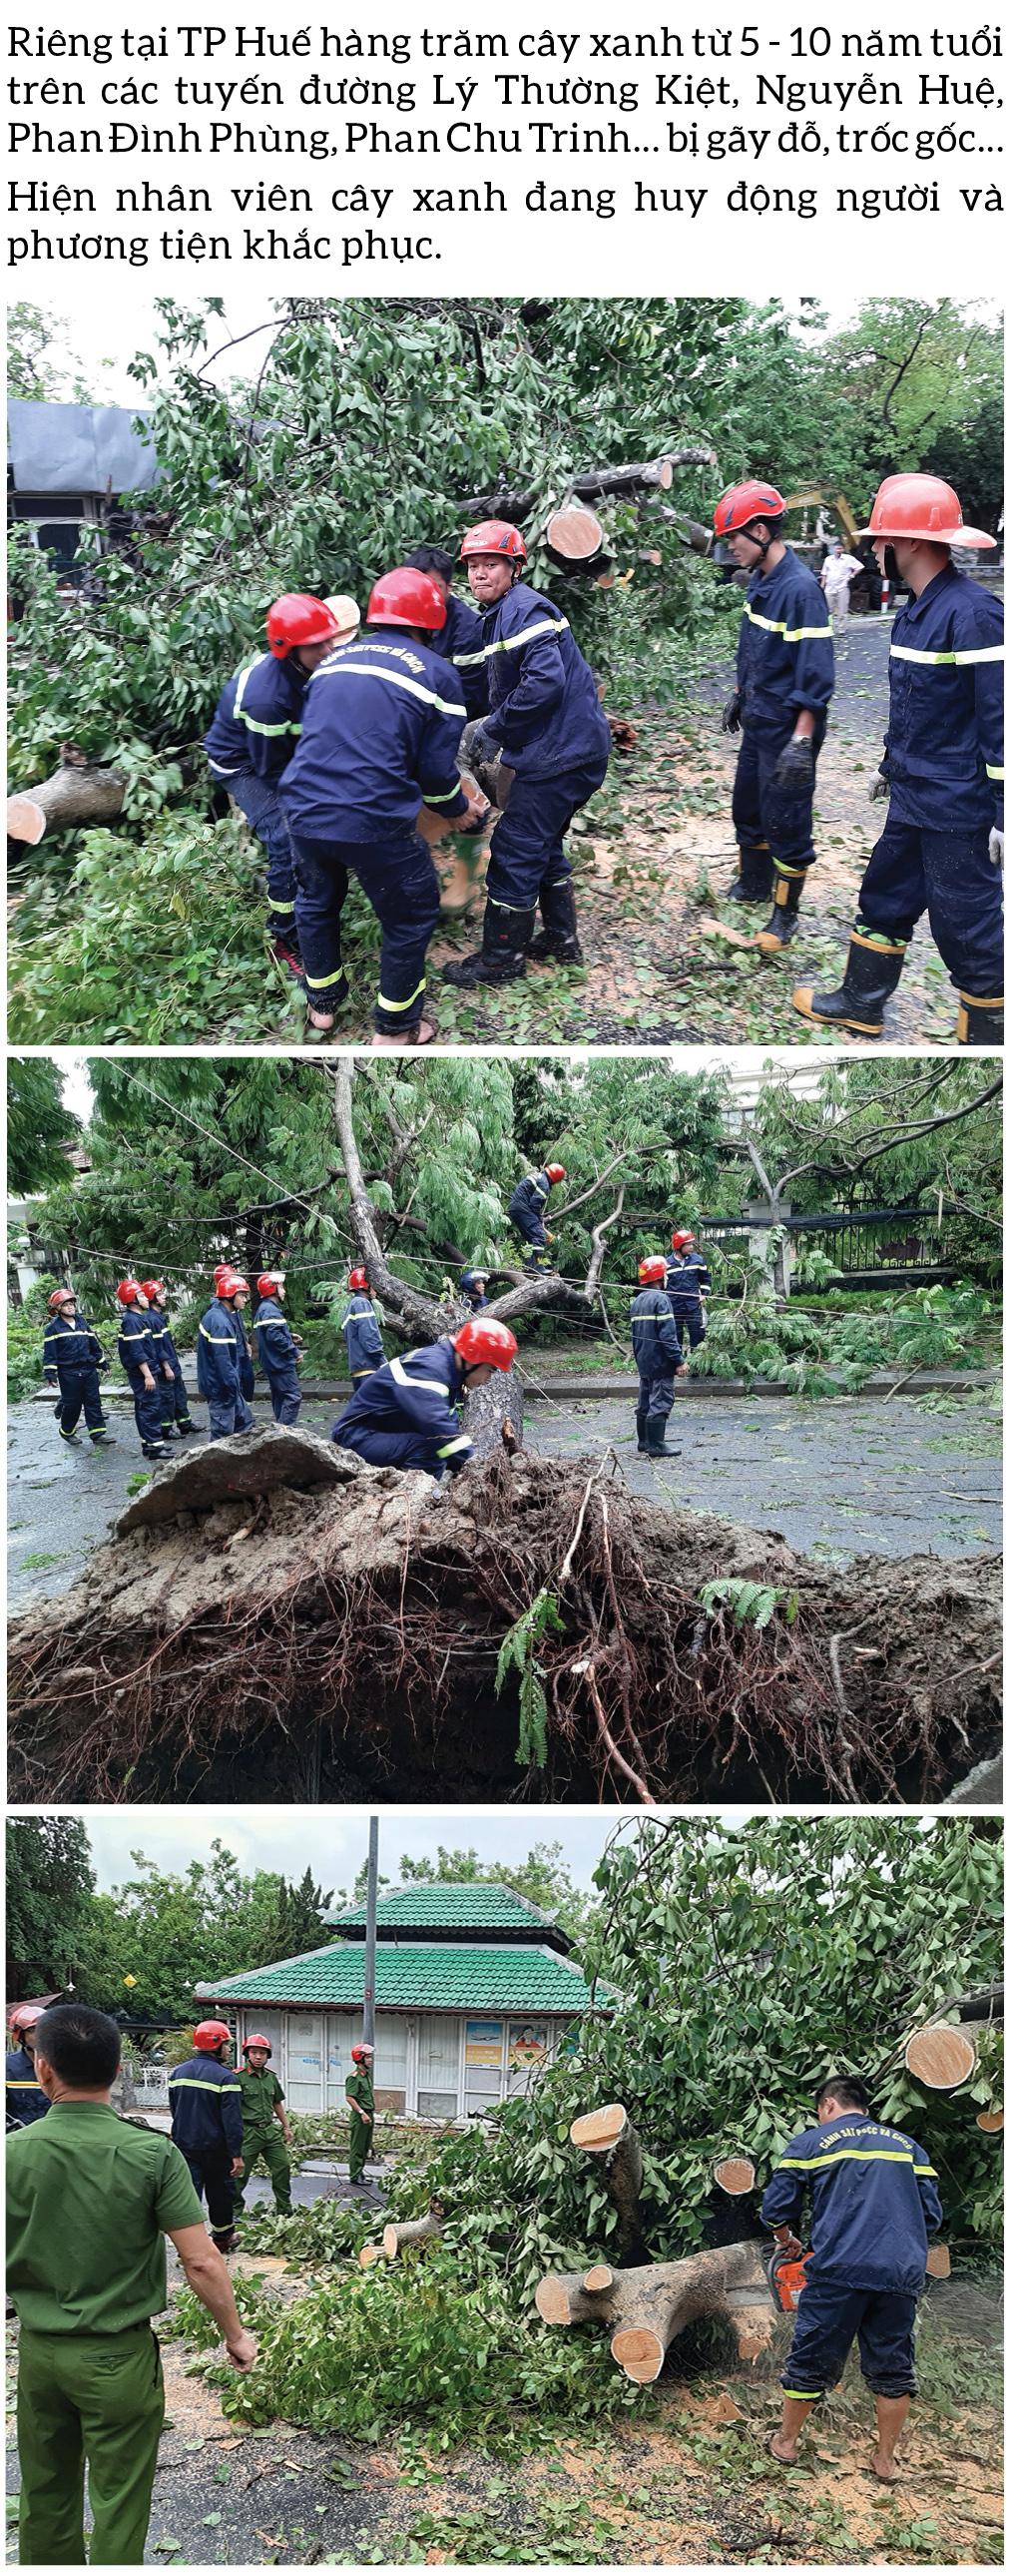 Bão số 5 đổ bộ miền Trung gây lốc xoáy, mưa lớn và ngập úng ảnh 5